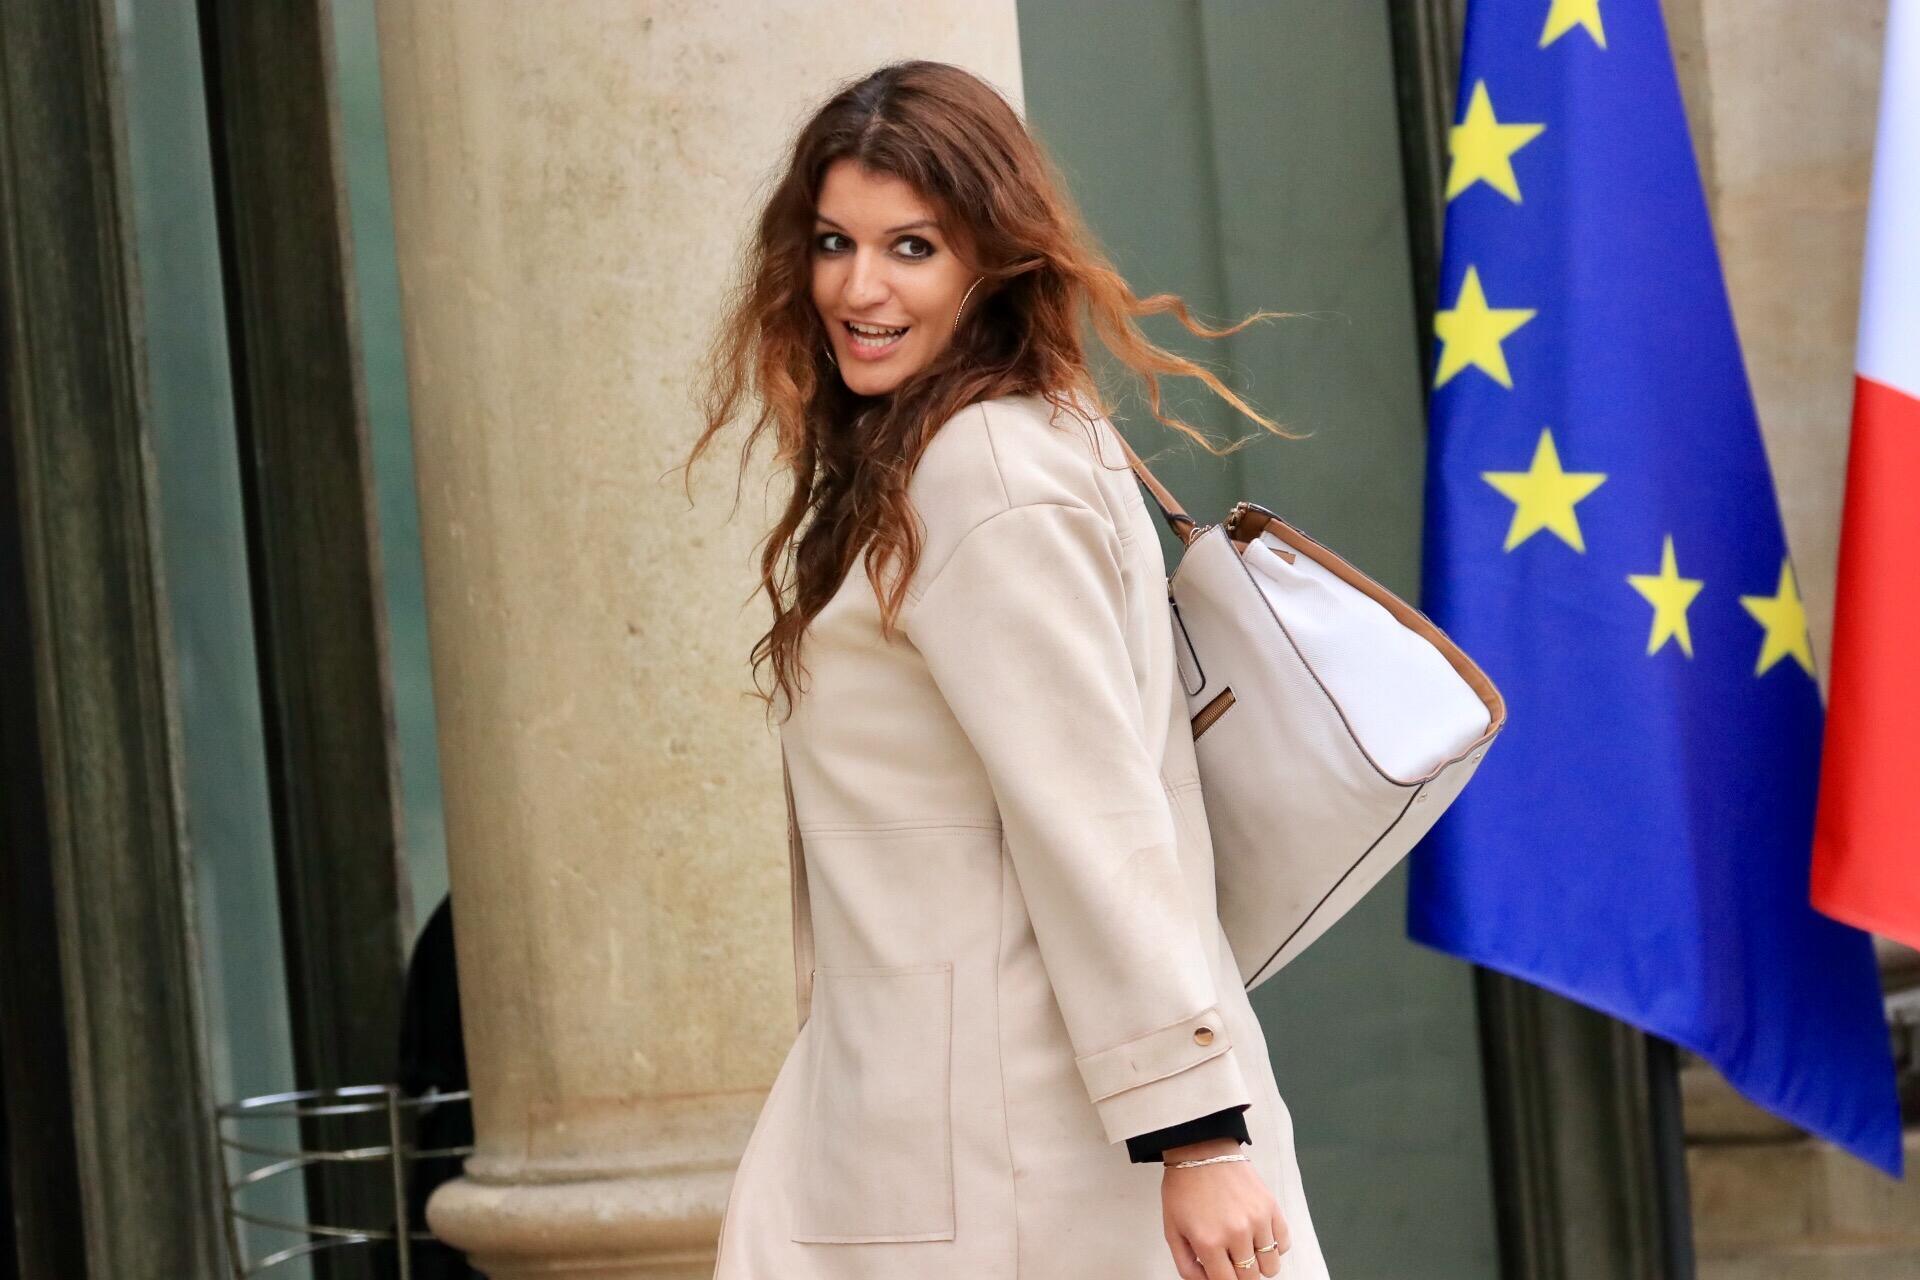 Thay đổi trang phục của thành viên chính phủ cũng được coi là một dấu hiệu nữ quyền. Trong ảnh, bộ trưởng Marlène Schiappa, phụ trách Bình đẳng nam nữ, trước cửa phủ tổng thống.